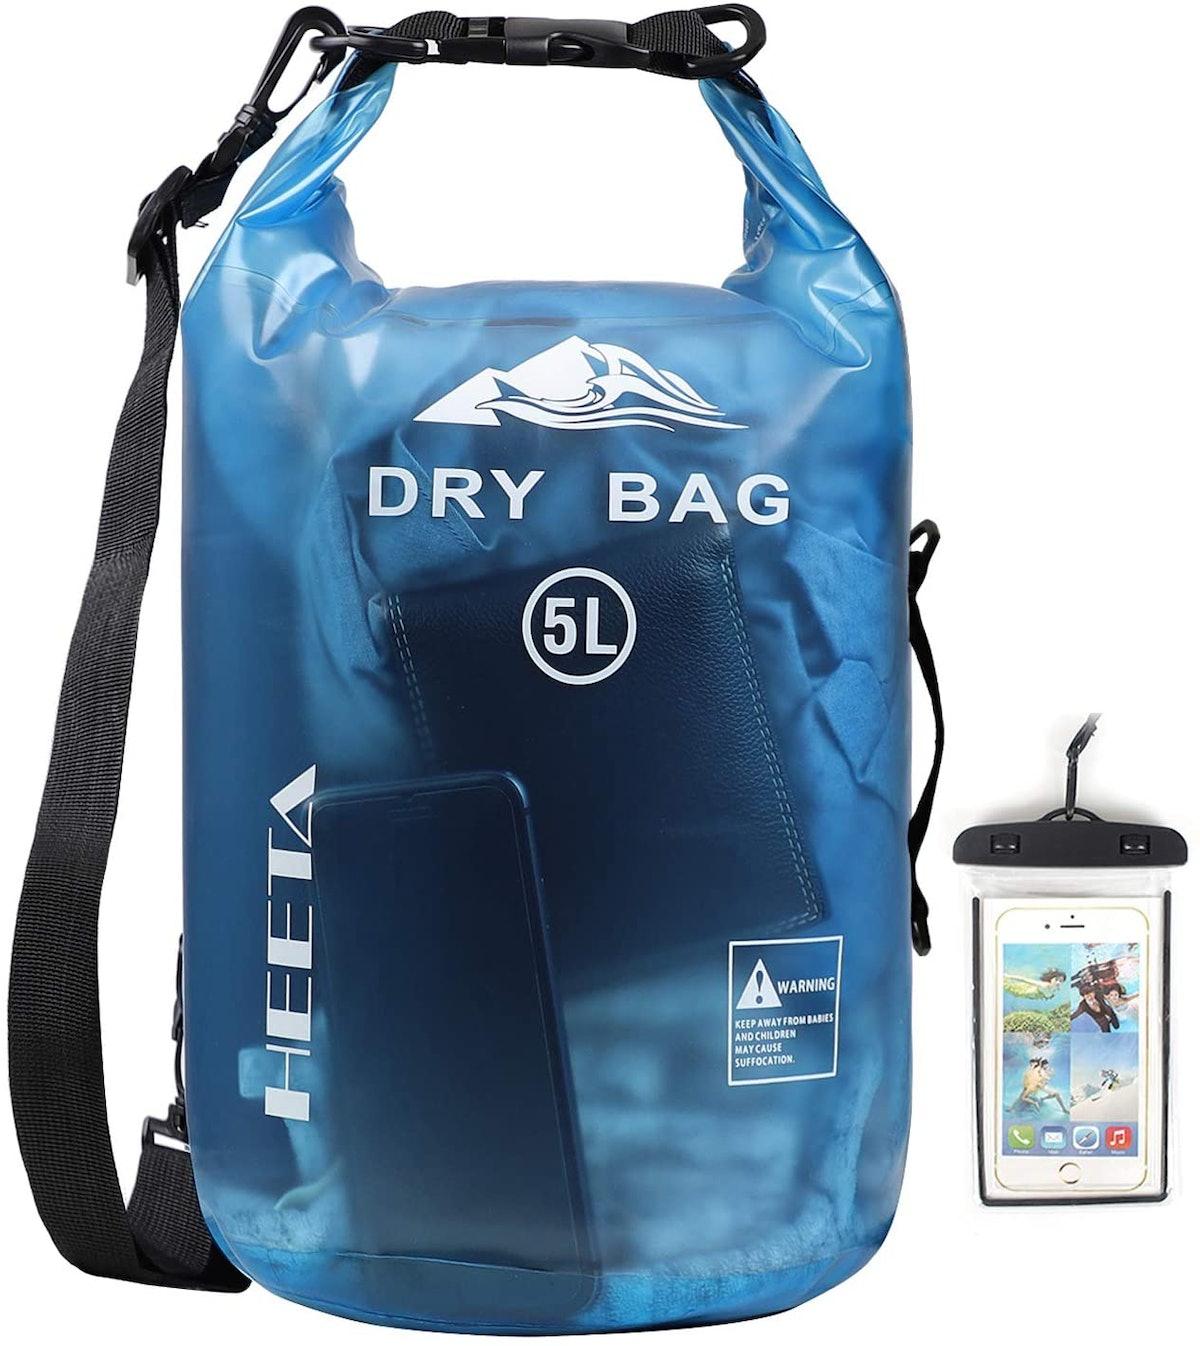 HEETA Waterproof Dry Bag